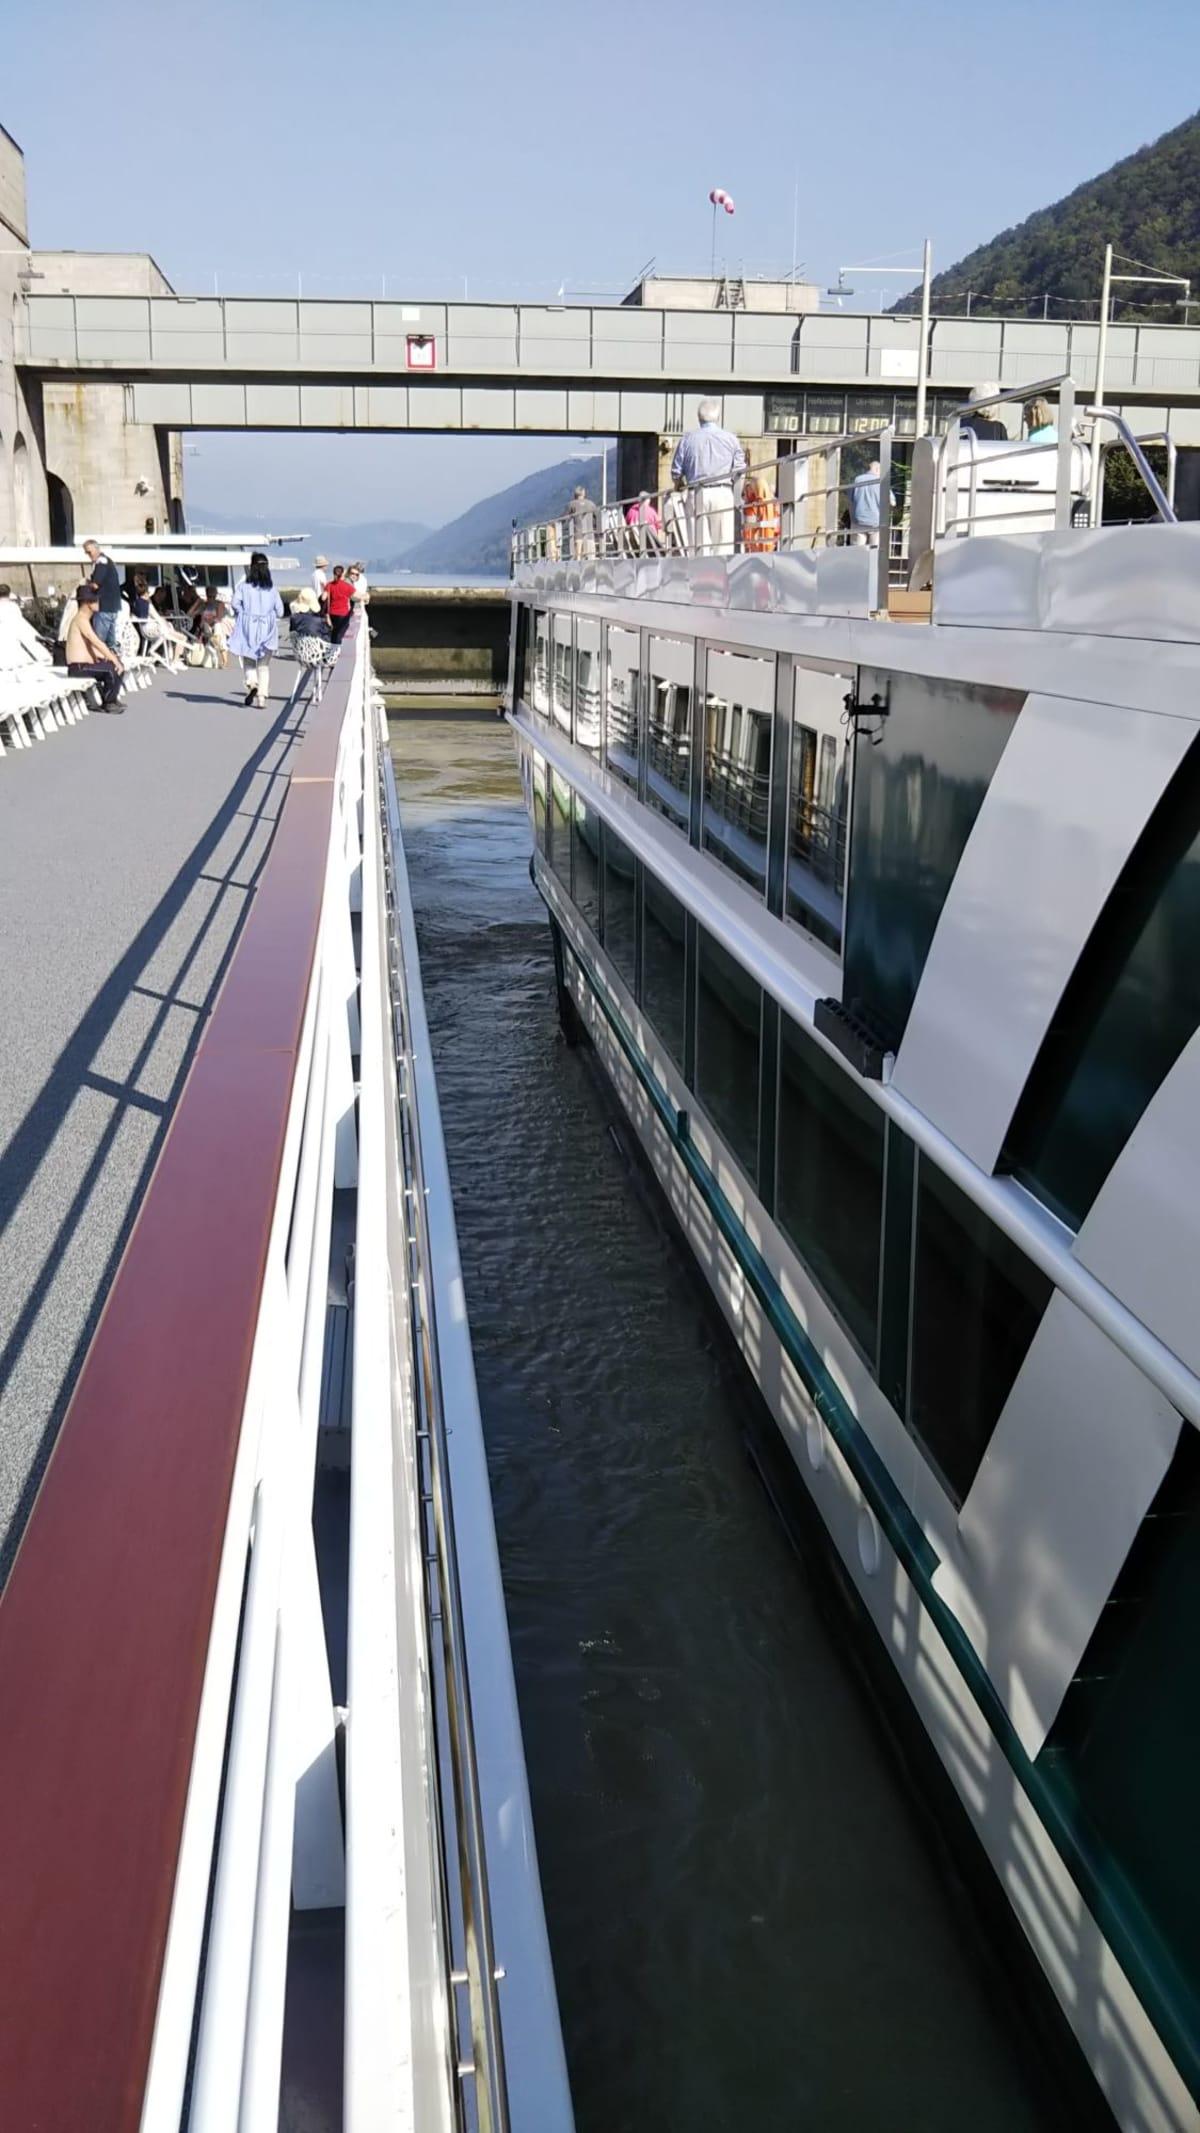 水門通過。水門を通過する経験は、今回のクルーズが初めて。特に1つ目は、夜中で壁に近く、感動しました。クルーズ期間中に、11の水門を通過。   客船MSシンフォニーの外観